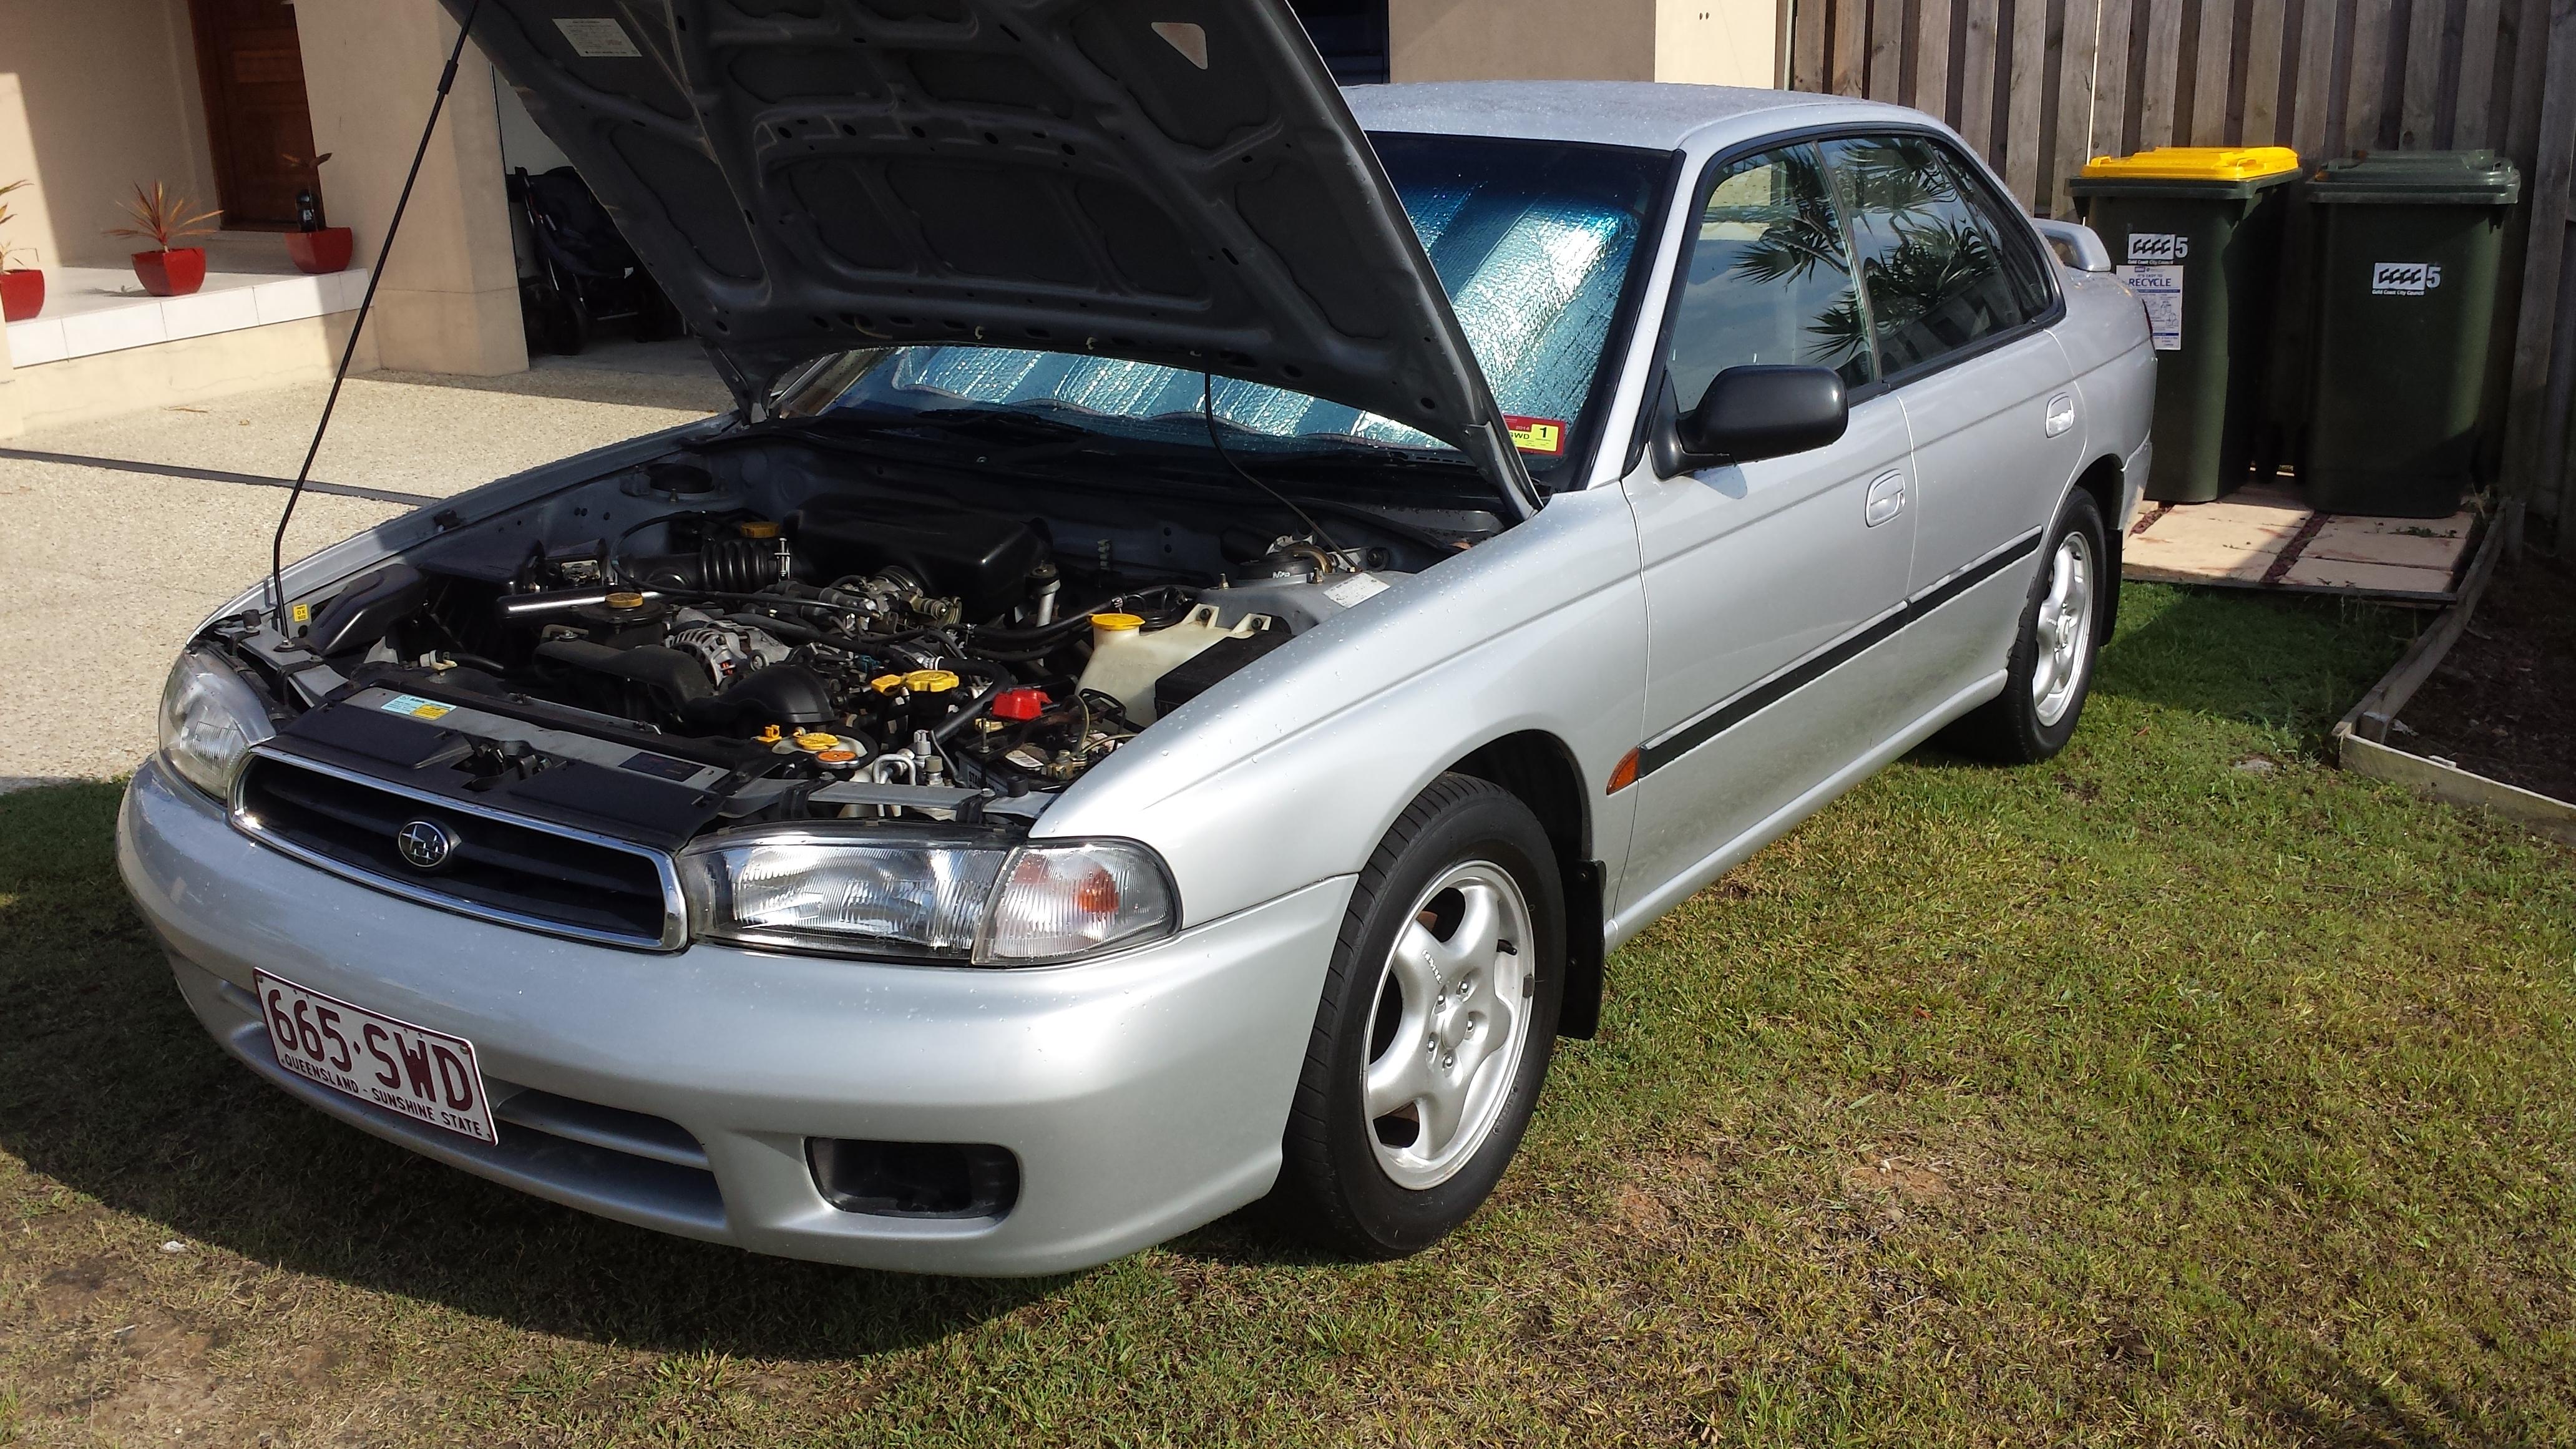 Subaru legacy 2004 service repair workshop manual - 866450uis3lcood7bookmanualsfipkascom